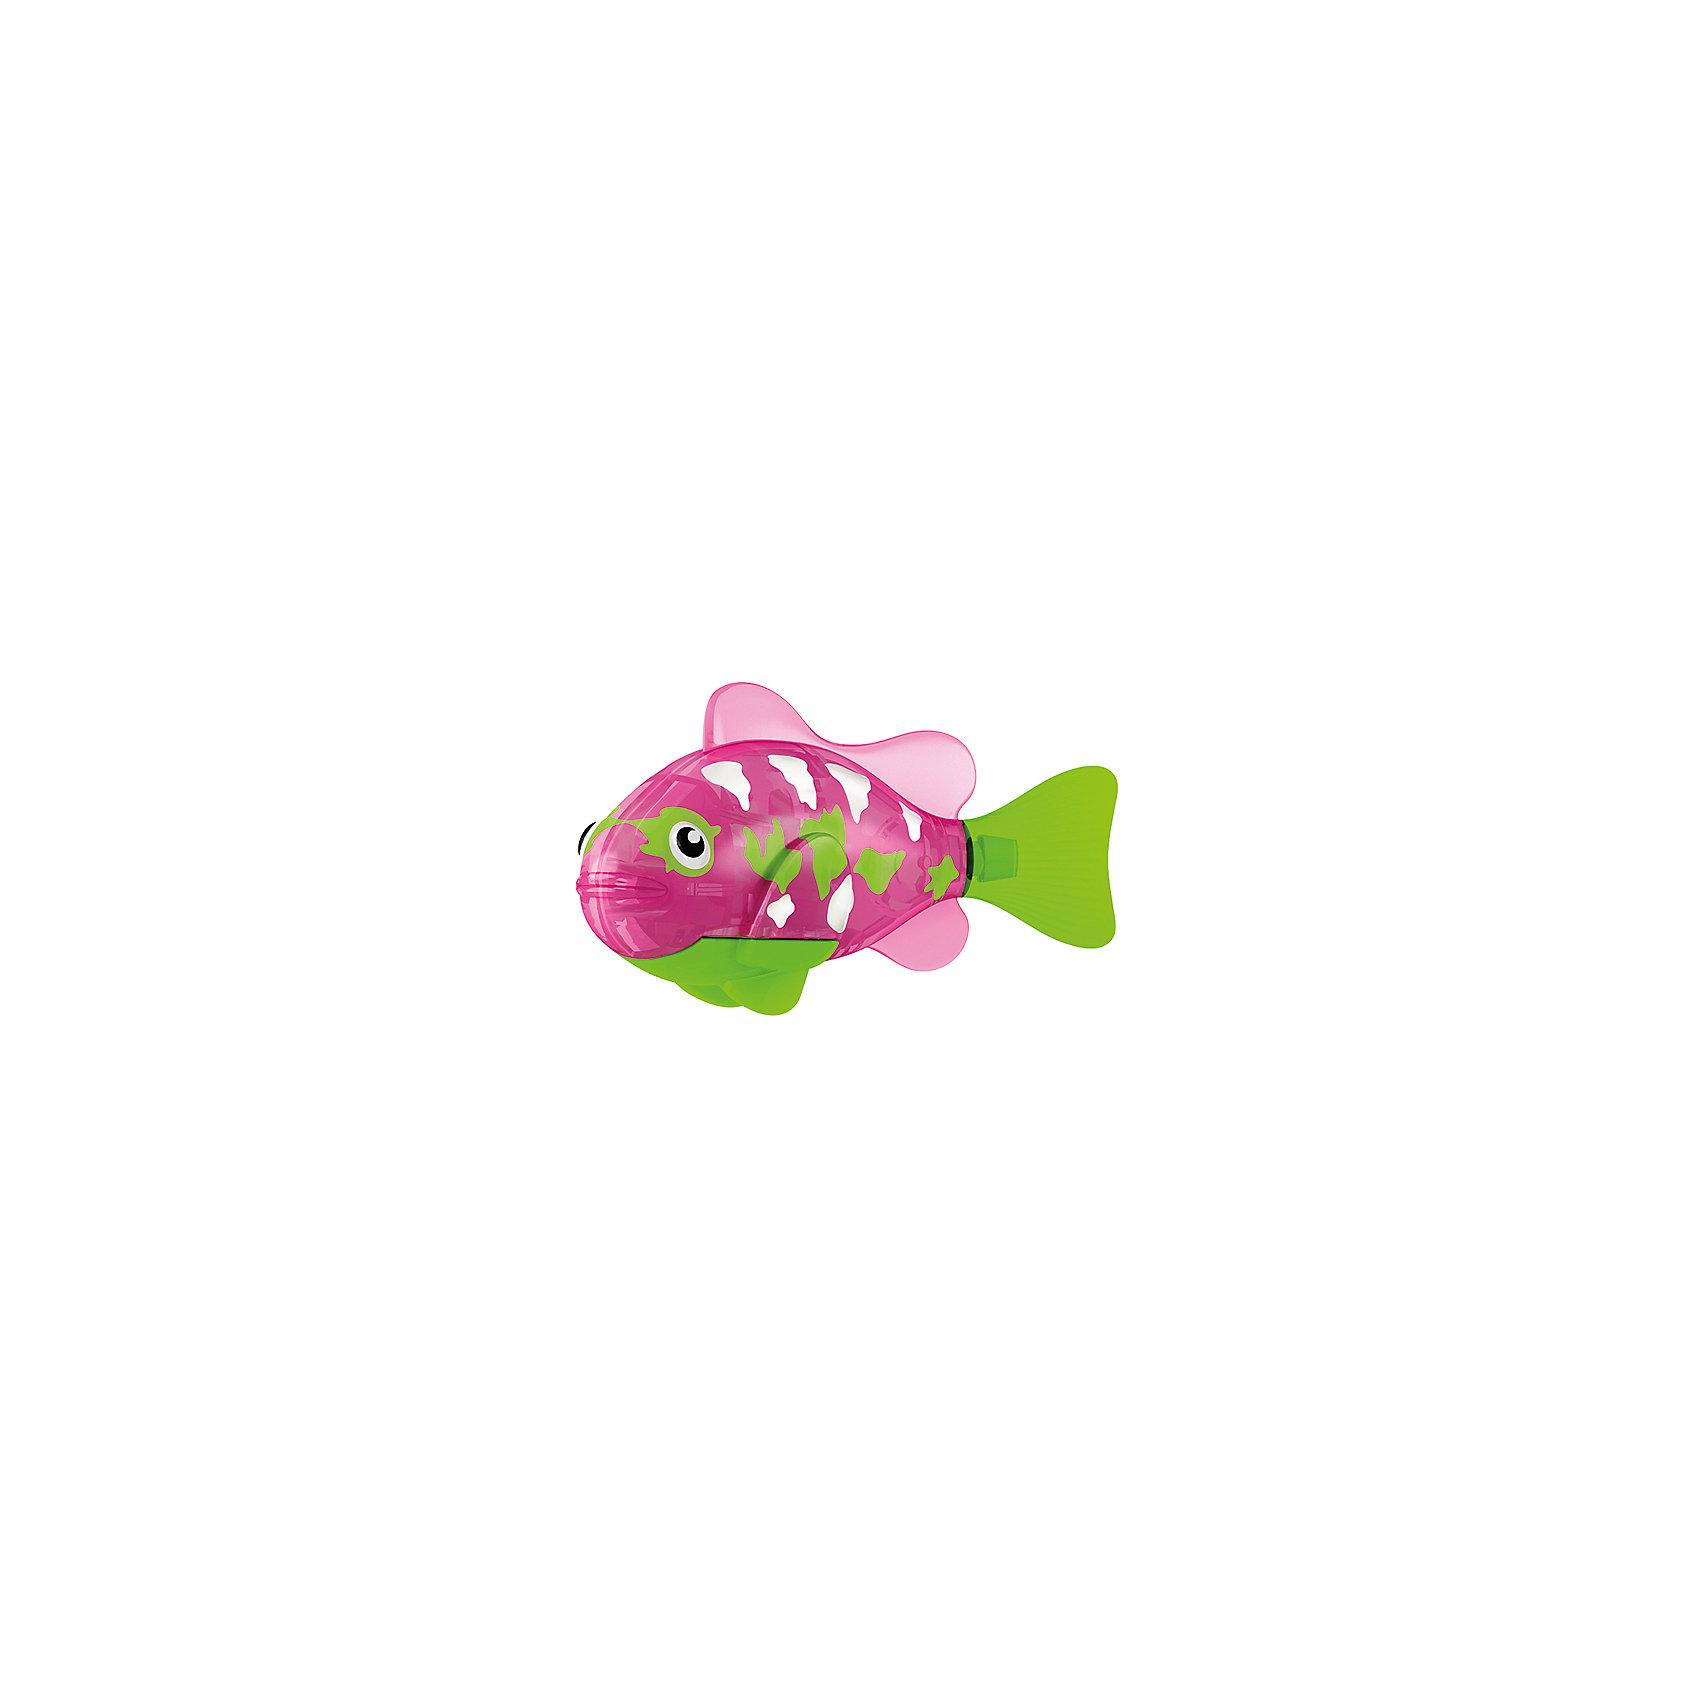 РобоРыбка Собачка, RoboFishРоборыбки<br>Тропическая РобоРыбка Собачка, ZURU (Зуру) – это высокотехнологичная инновационная игрушка, имитирующая движения и повадки рыбы в воде.<br>РобоРыбка  (Robofish) тропическая Собачка розового цвета выглядит очень красиво и напоминает свою родственницу из теплых морей. Для РобоРыбки нужна только ёмкость с водой, и никакого ухода! Автоматический датчик, активирует рыбку в воде. Мягкий силиконовый хвост и электромагнитный мотор позволит ей двигаться в 5 различных направлениях: влево, вправо, вперед, вверх или вниз. Ультразвуковая герметизация на 100% защитит внутренности от проникновения воды. РобоРыбка повторяет повадки настоящих рыб: опускается на дно и всплывает на поверхность, сбивается в стаи с другими роборыбками, трется о стенки аквариума, меняет скорость движения, оплывает преграды. Внутри рыбки в крышке под батарейками находится специальный грузик, регулирующий глубину ее погружения. Для того, чтобы рыбка перестала двигаться нужно достать её из воды и насухо вытереть. Хранить РобоРыбку можно на специальной подставке, которая есть в комплекте. Игрушка выполнена из материалов абсолютно безопасных для здоровья.<br><br>Дополнительная информация:<br><br>- Возраст: для детей от 3 лет<br>- В комплекте: 1 рыбка, подставка, 4 батарейки (две установлены в игрушку и 2 запасные)<br>- Батарейки: тип RL44 (A76)<br>- Размер рыбки: 7,5 x 2,0 x 3,5 см.<br>- Материал: пластик с элементами металла и резины<br>- Вес в упаковке: 72 г.<br>- Размер упаковки: 20 x 6,5 x 5 см.<br><br>Тропическая РобоРыбка (Робофиш) Собачка, ZURU (Зуру) - заведите себе аквариум, обитатели которого порадуют и развлекут Вас своими забавными повадками и при этом совсем не потребуют никакого ухода!<br><br>Тропическую РобоРыбку Собачка, ZURU (Зуру) можно купить в нашем интернет-магазине.<br><br>Ширина мм: 435<br>Глубина мм: 240<br>Высота мм: 405<br>Вес г: 216<br>Возраст от месяцев: 48<br>Возраст до месяцев: 96<br>Пол: Женский<br>Возраст: Детский<br>SKU: 3609988